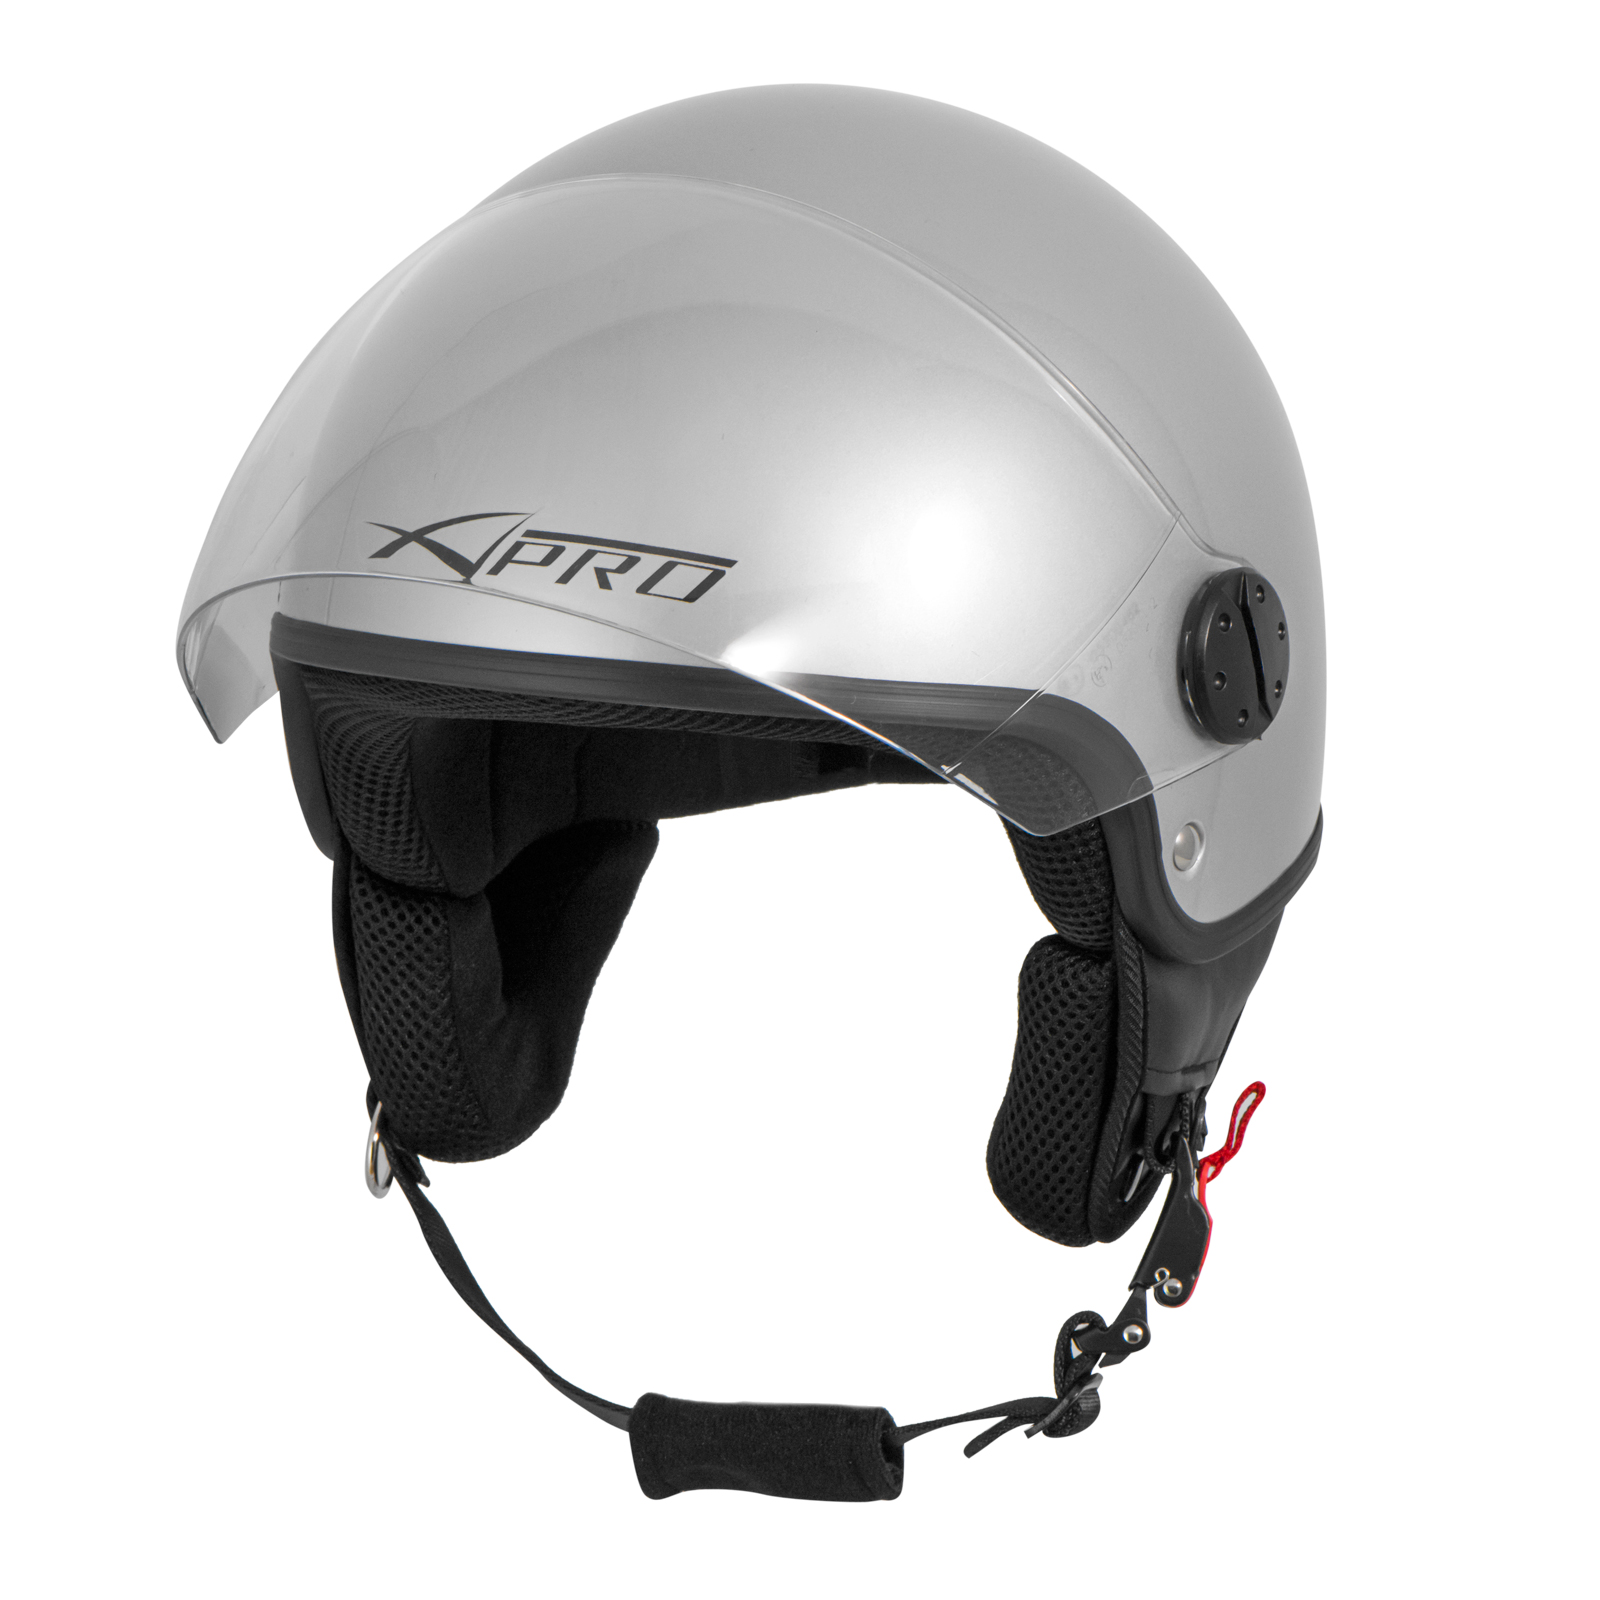 Casco-Jet-Demi-Scooter-Moto-Omologato-ECE-22-Visiera-Antigraffio-SonicMoto